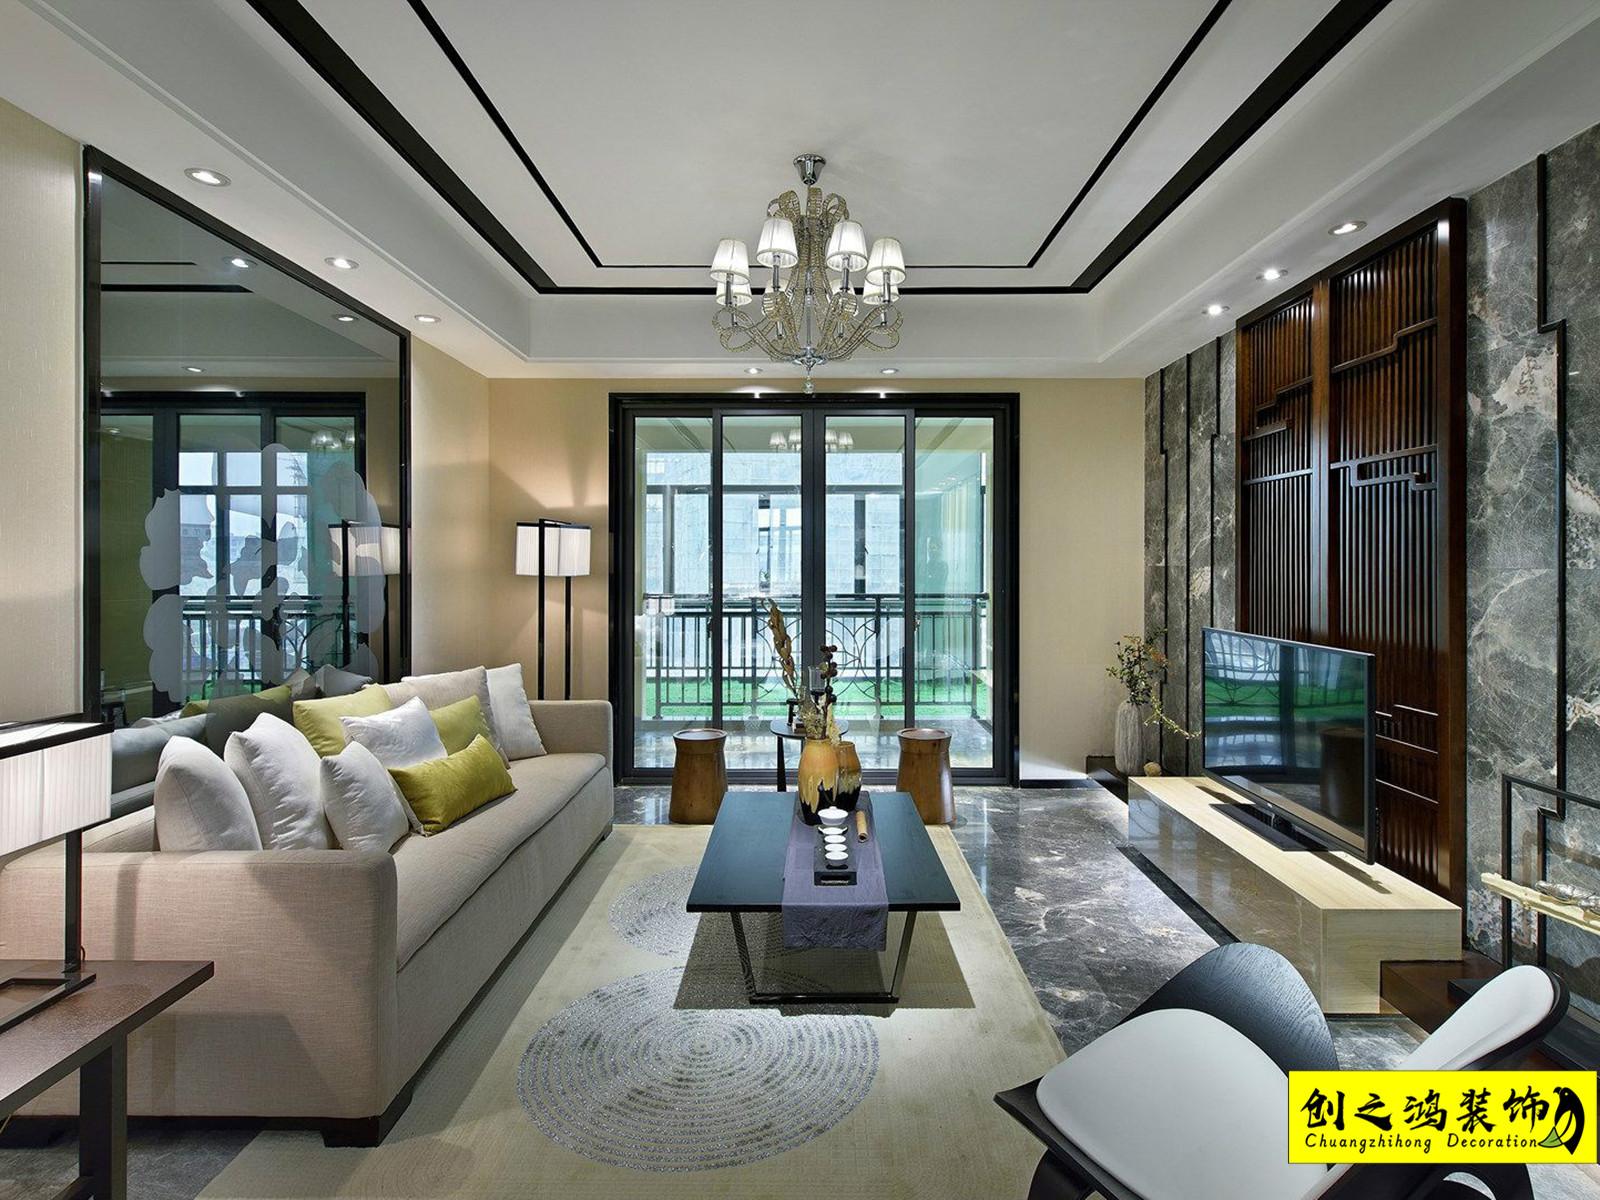 142㎡天房天泰四室两厅中式风格装修效果图